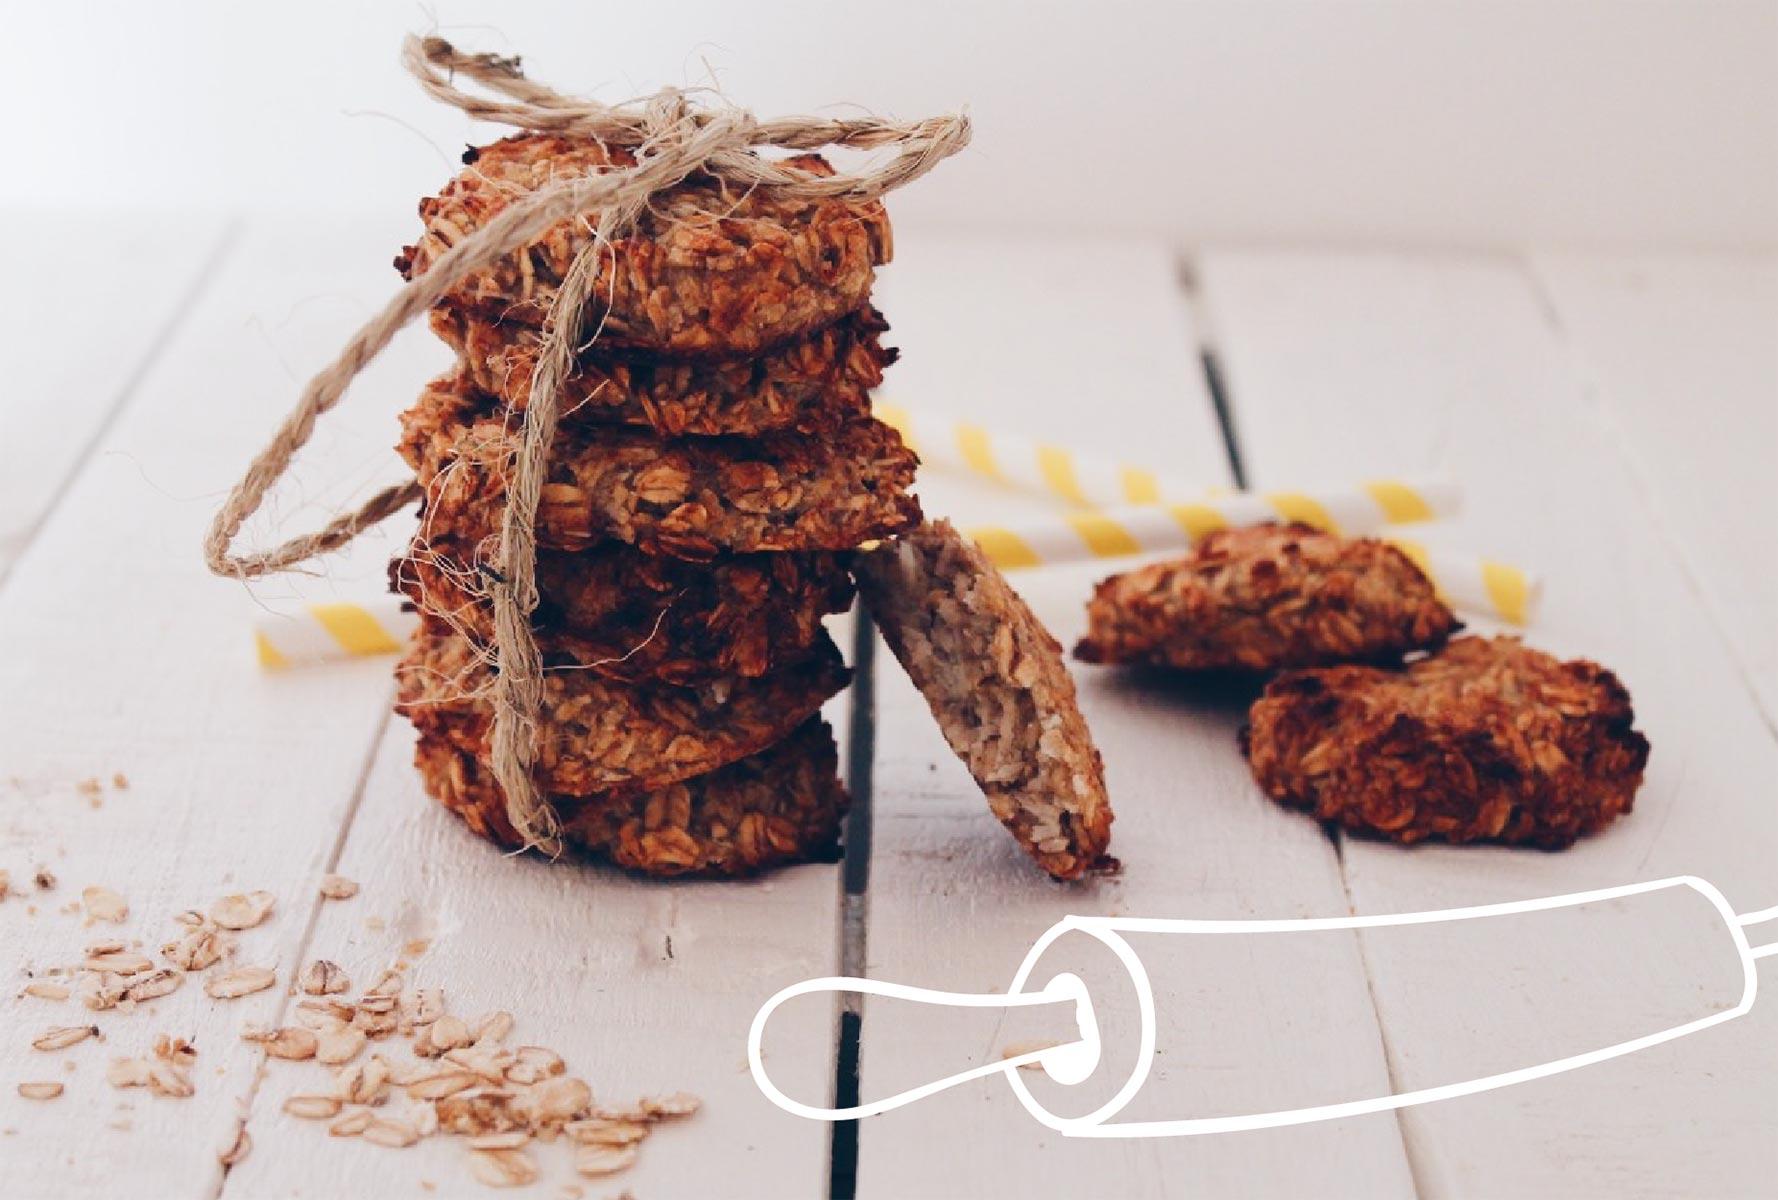 Cookies faciles et rapides à préparer à base de flocons d'avoine, de banane et de noix de coco râpée. Recette sur laualamenthe.com